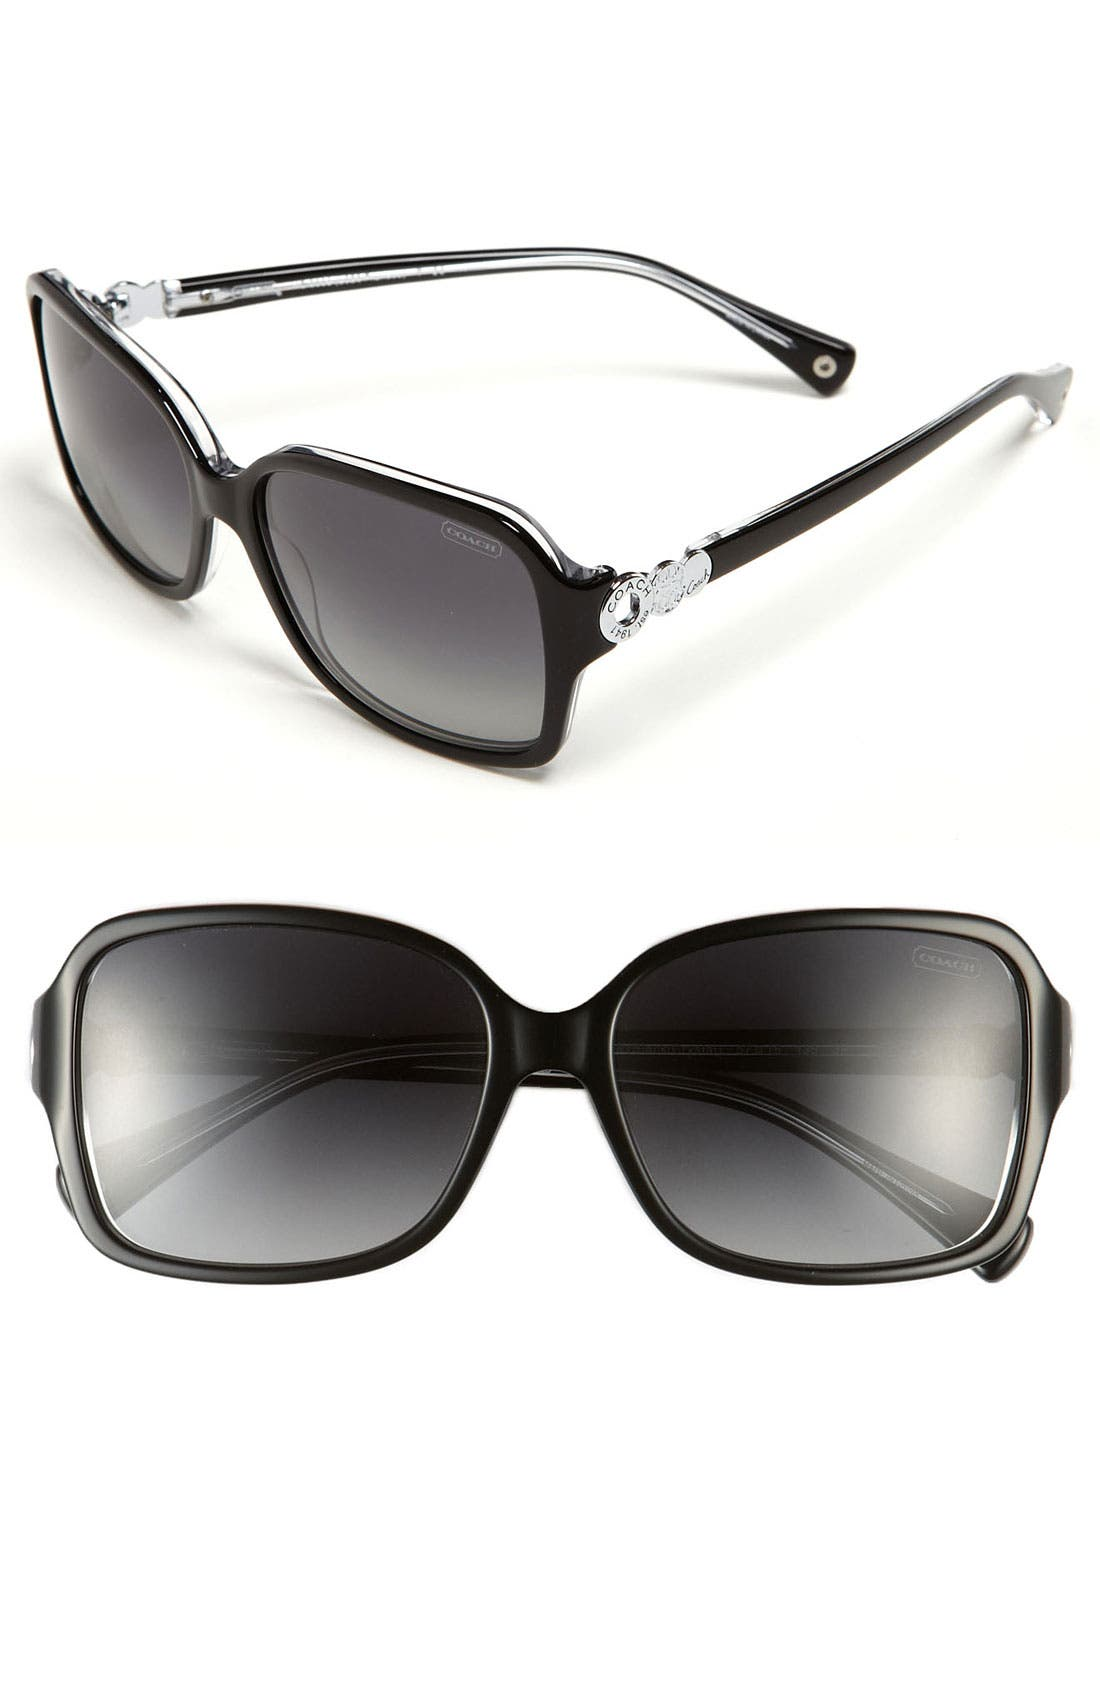 Alternate Image 1 Selected - COACH 'Frances' Oversized Polarized Sunglasses